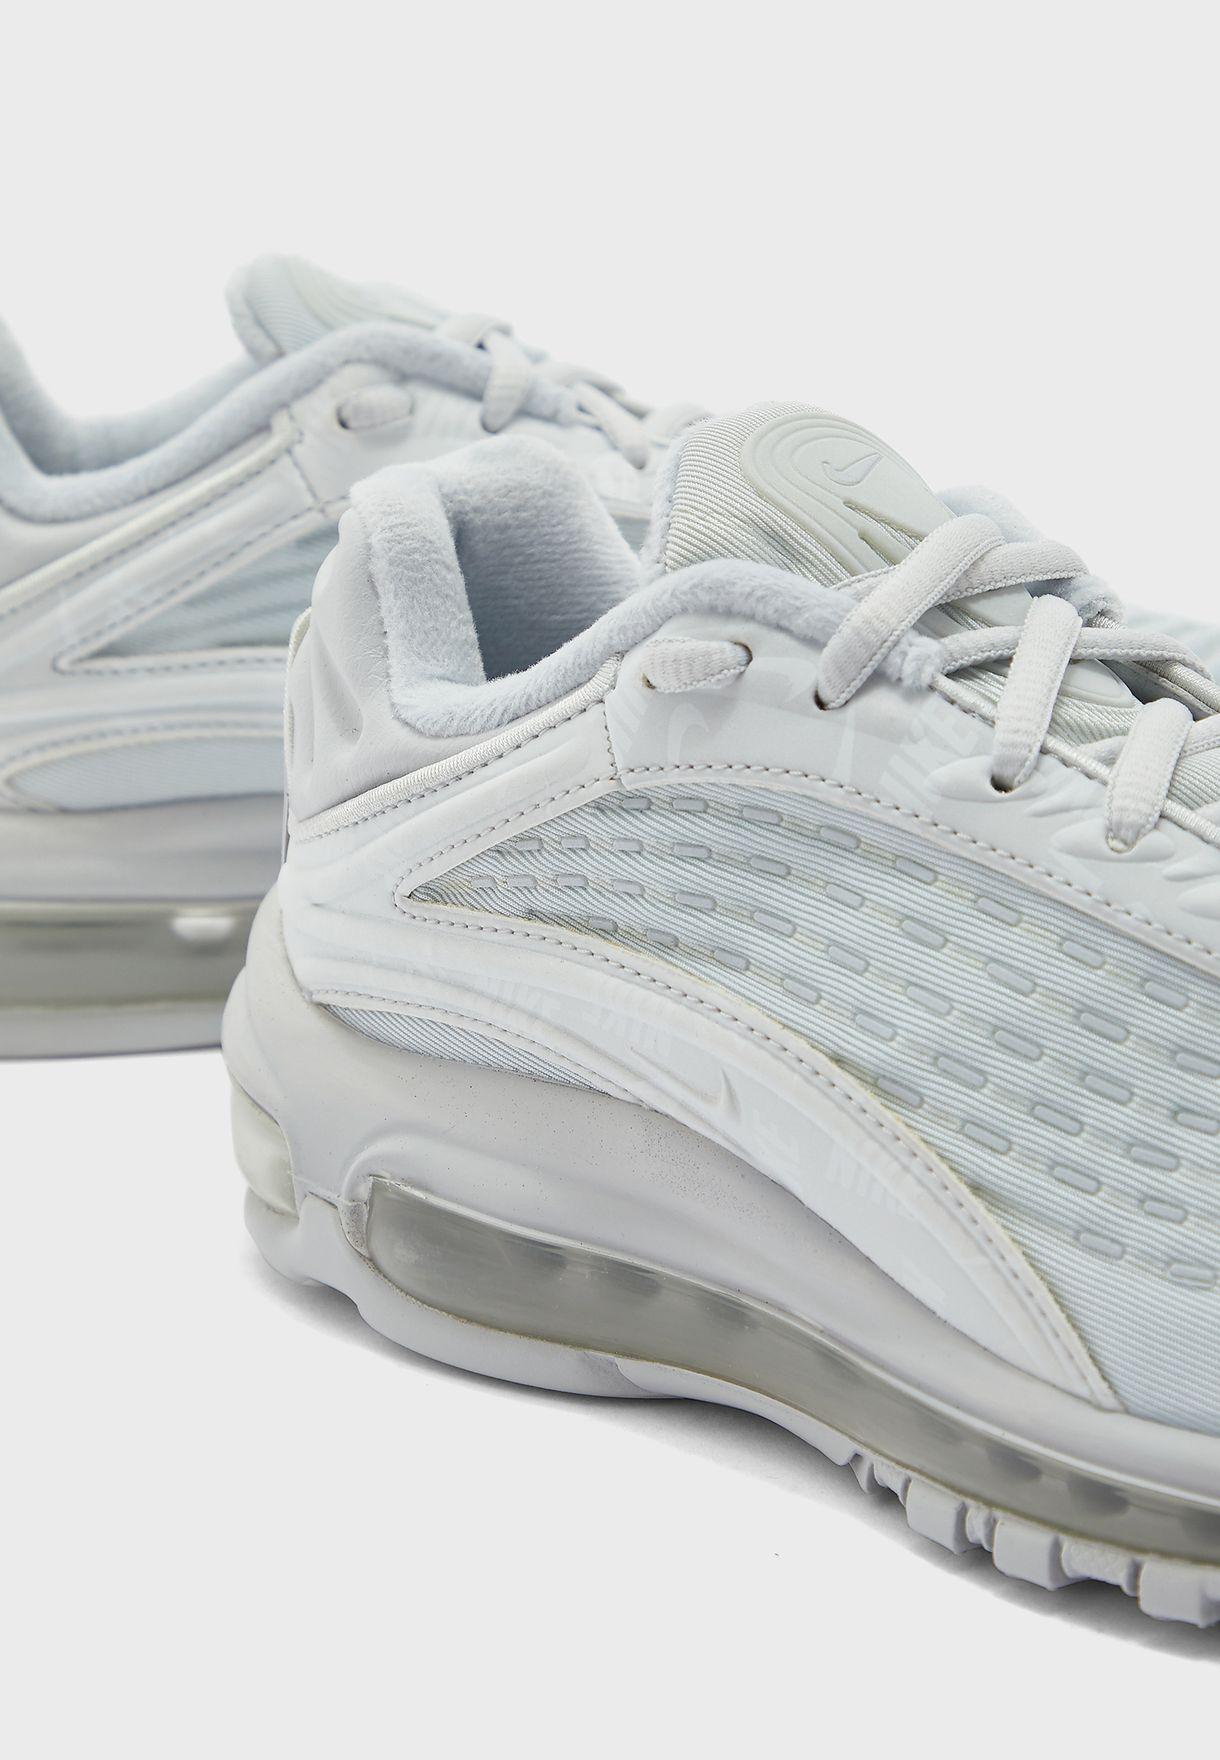 حذاء اير ماكس ديلوكس اس اي